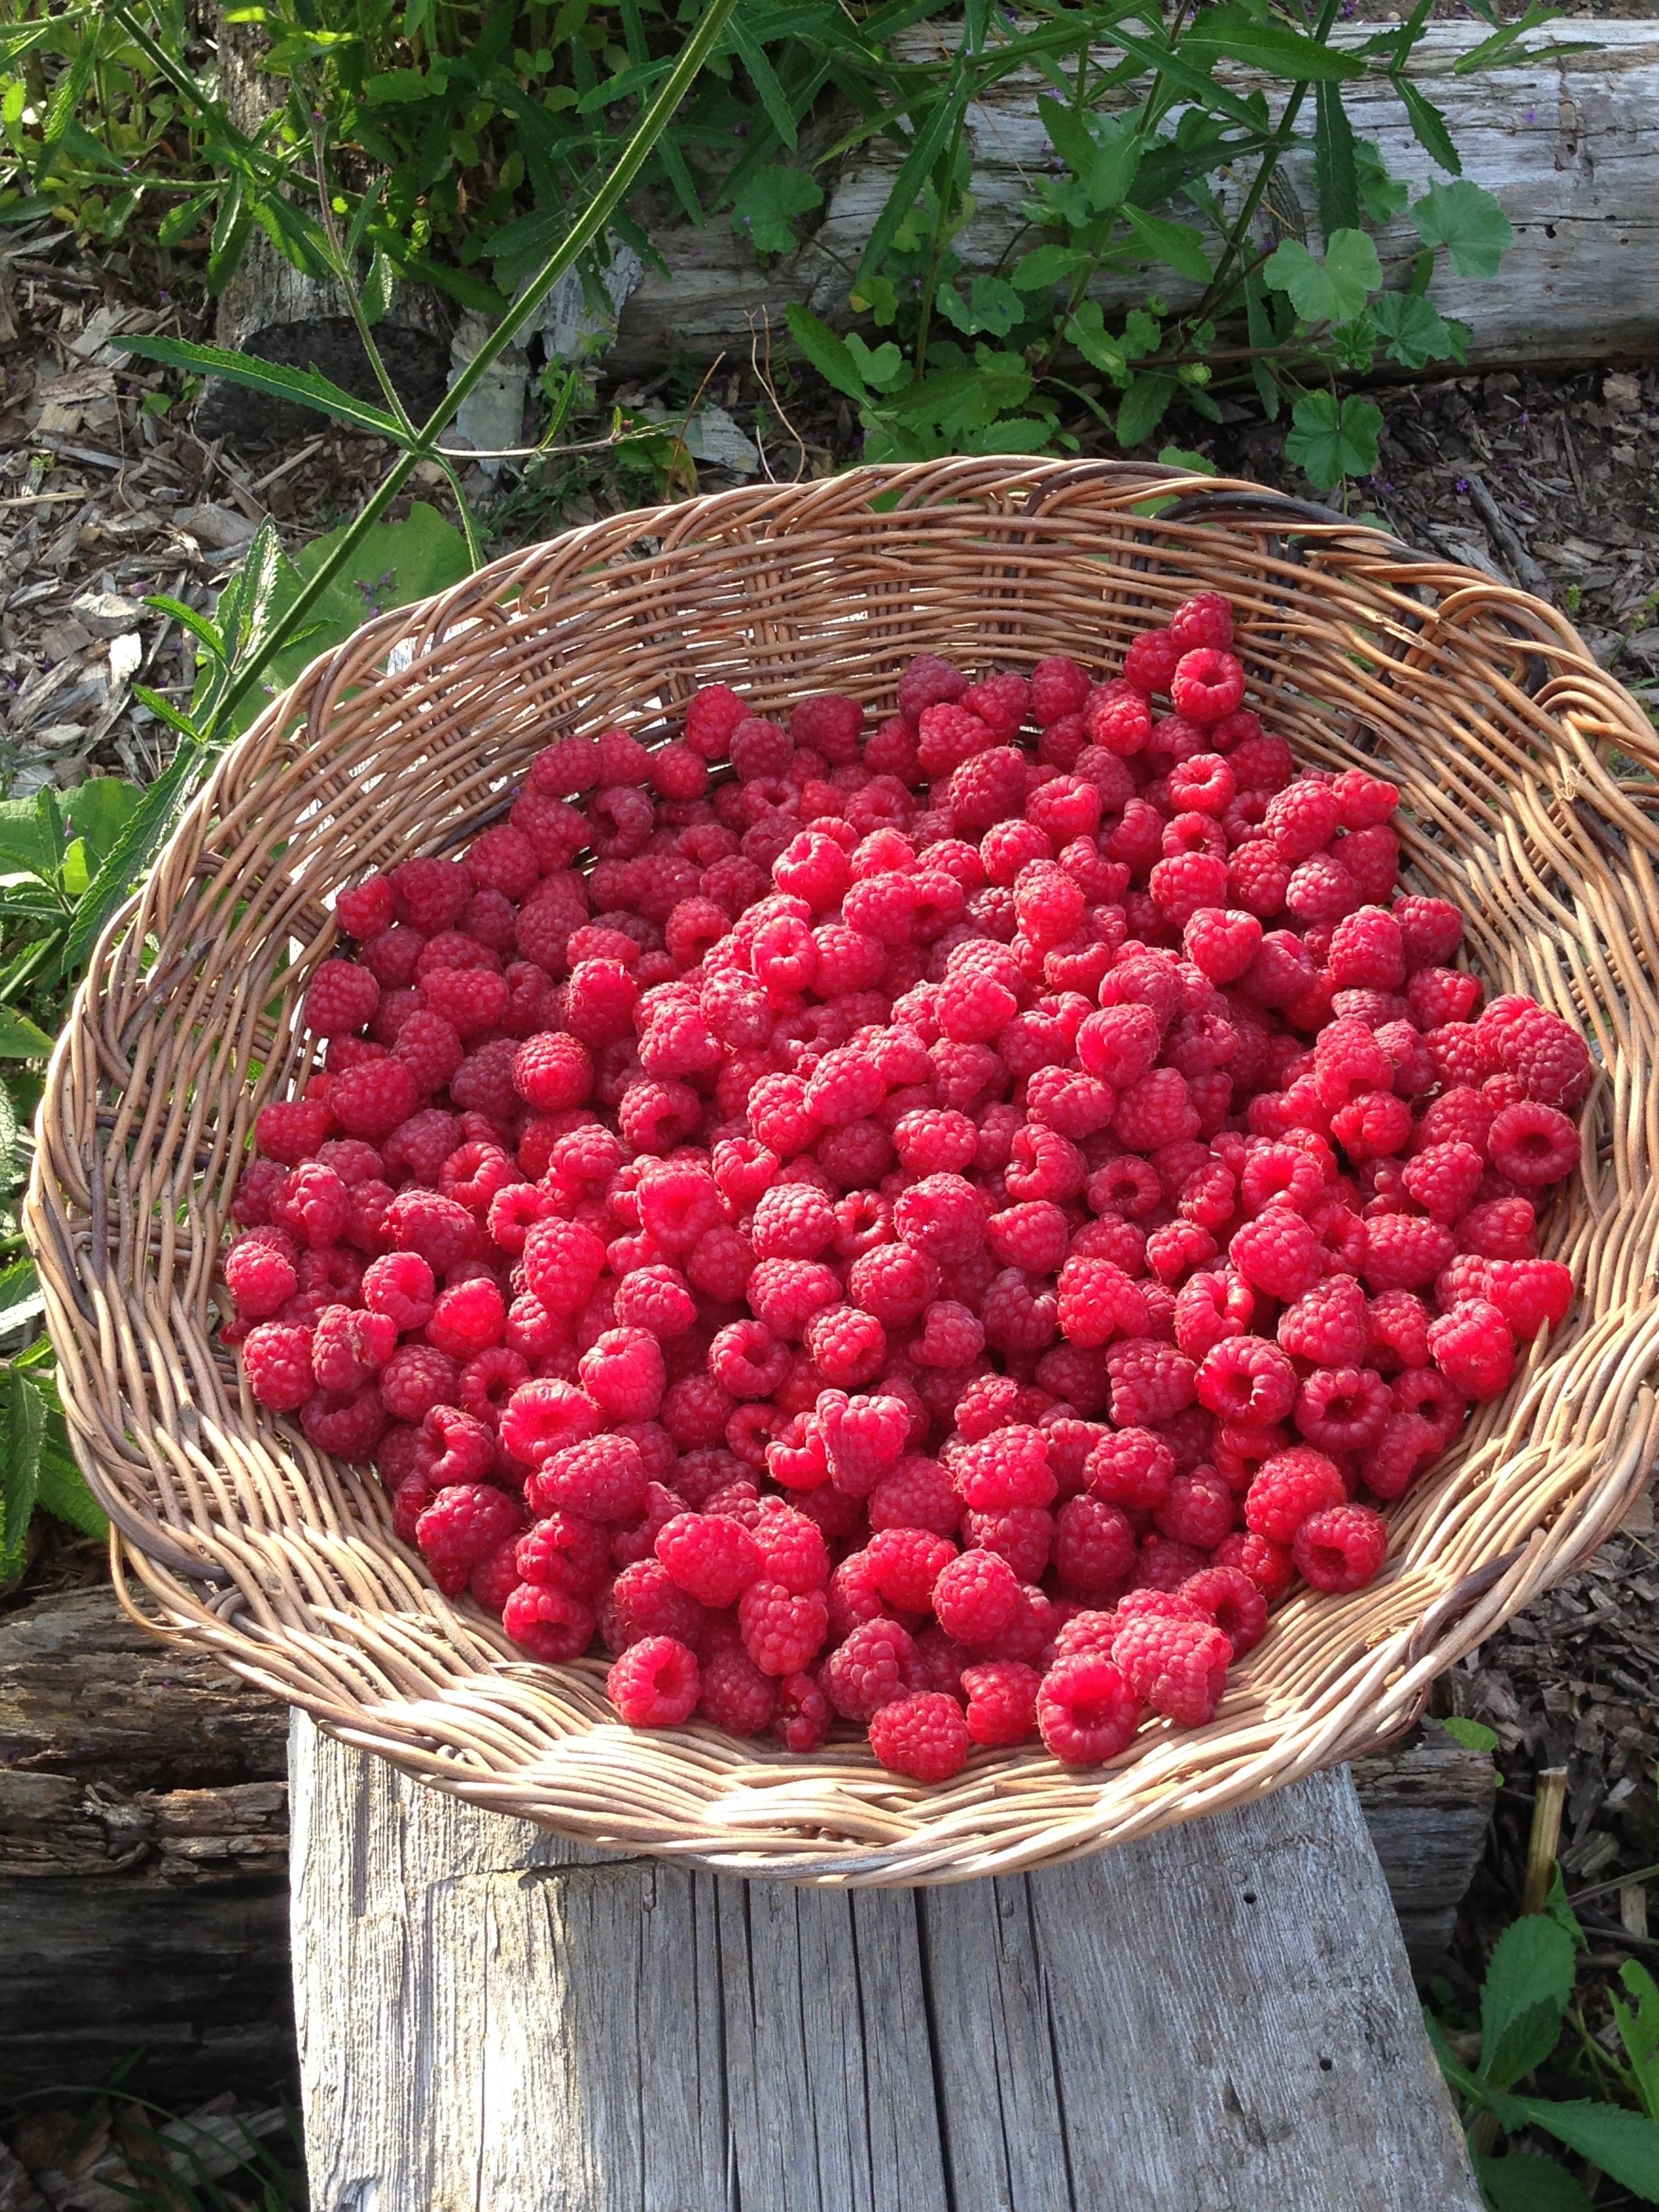 carolineraspberries.jpg